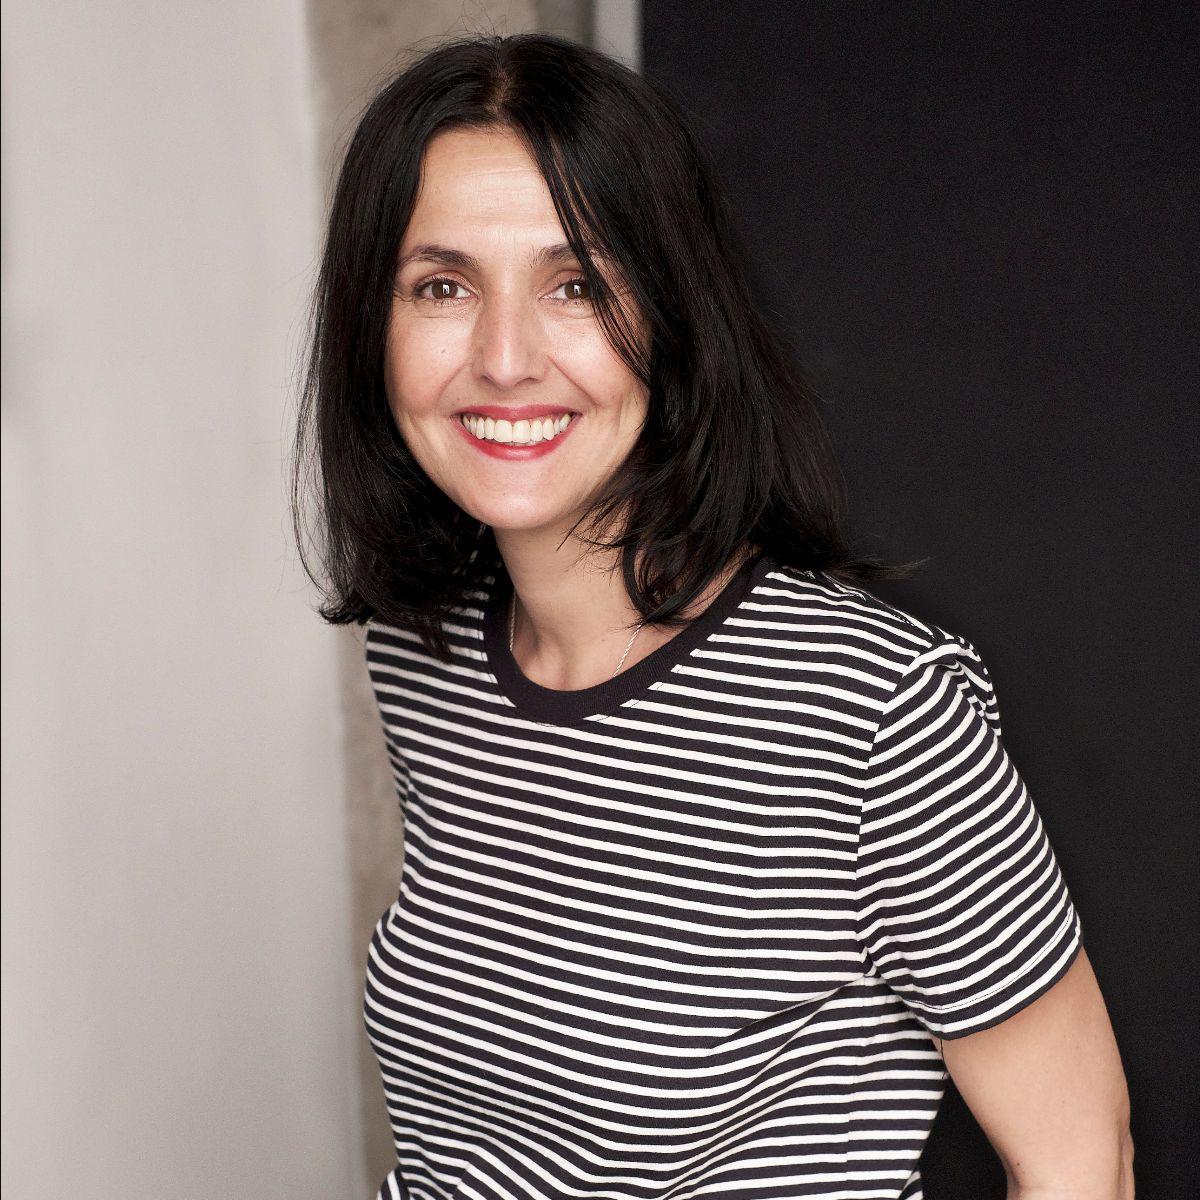 Brenda Chavez